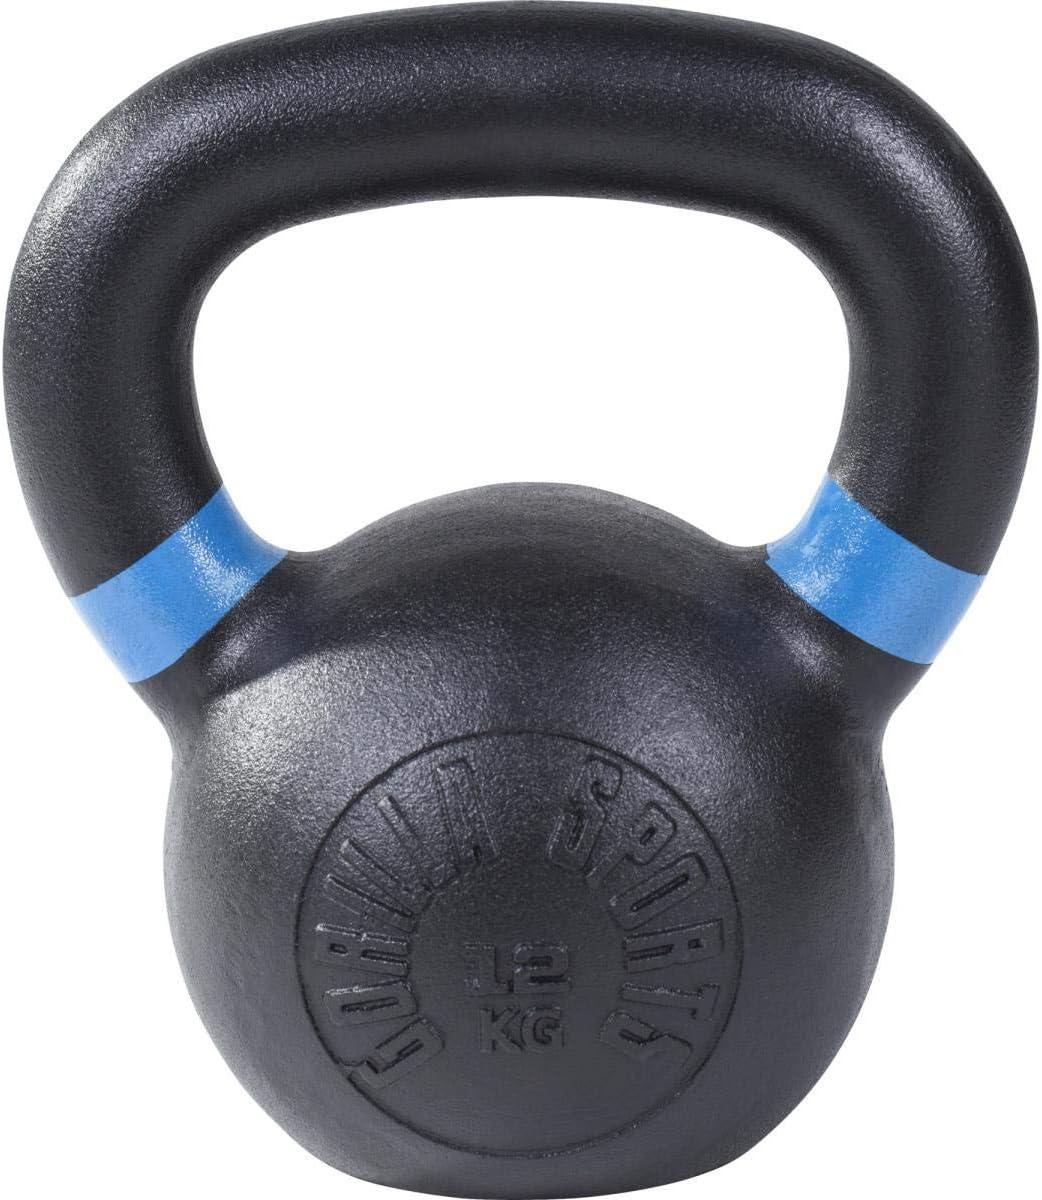 Halt/ère Russe Gorilla Sports Kettlebell en Fonte Noir avec Couleur ray/é poign/ées Disponible de 4kg /à 32kg